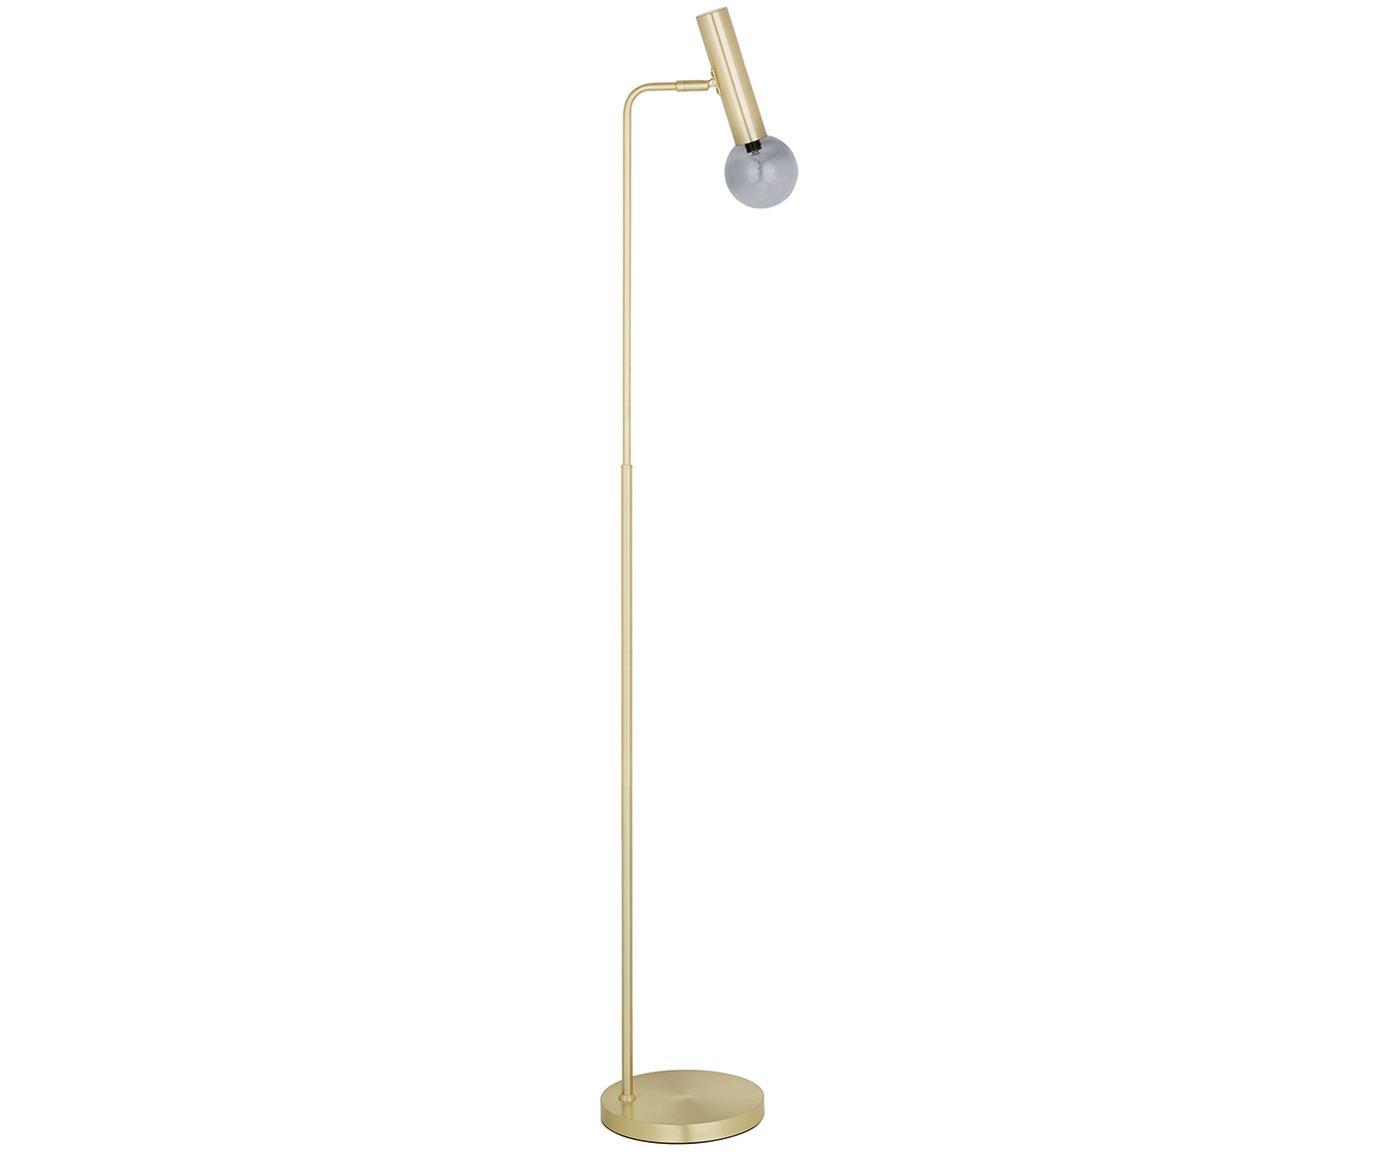 Lámpara de pieWilson, Pantalla: vidrio esmerilado, Latón, Ø 23 x Al 153 cm